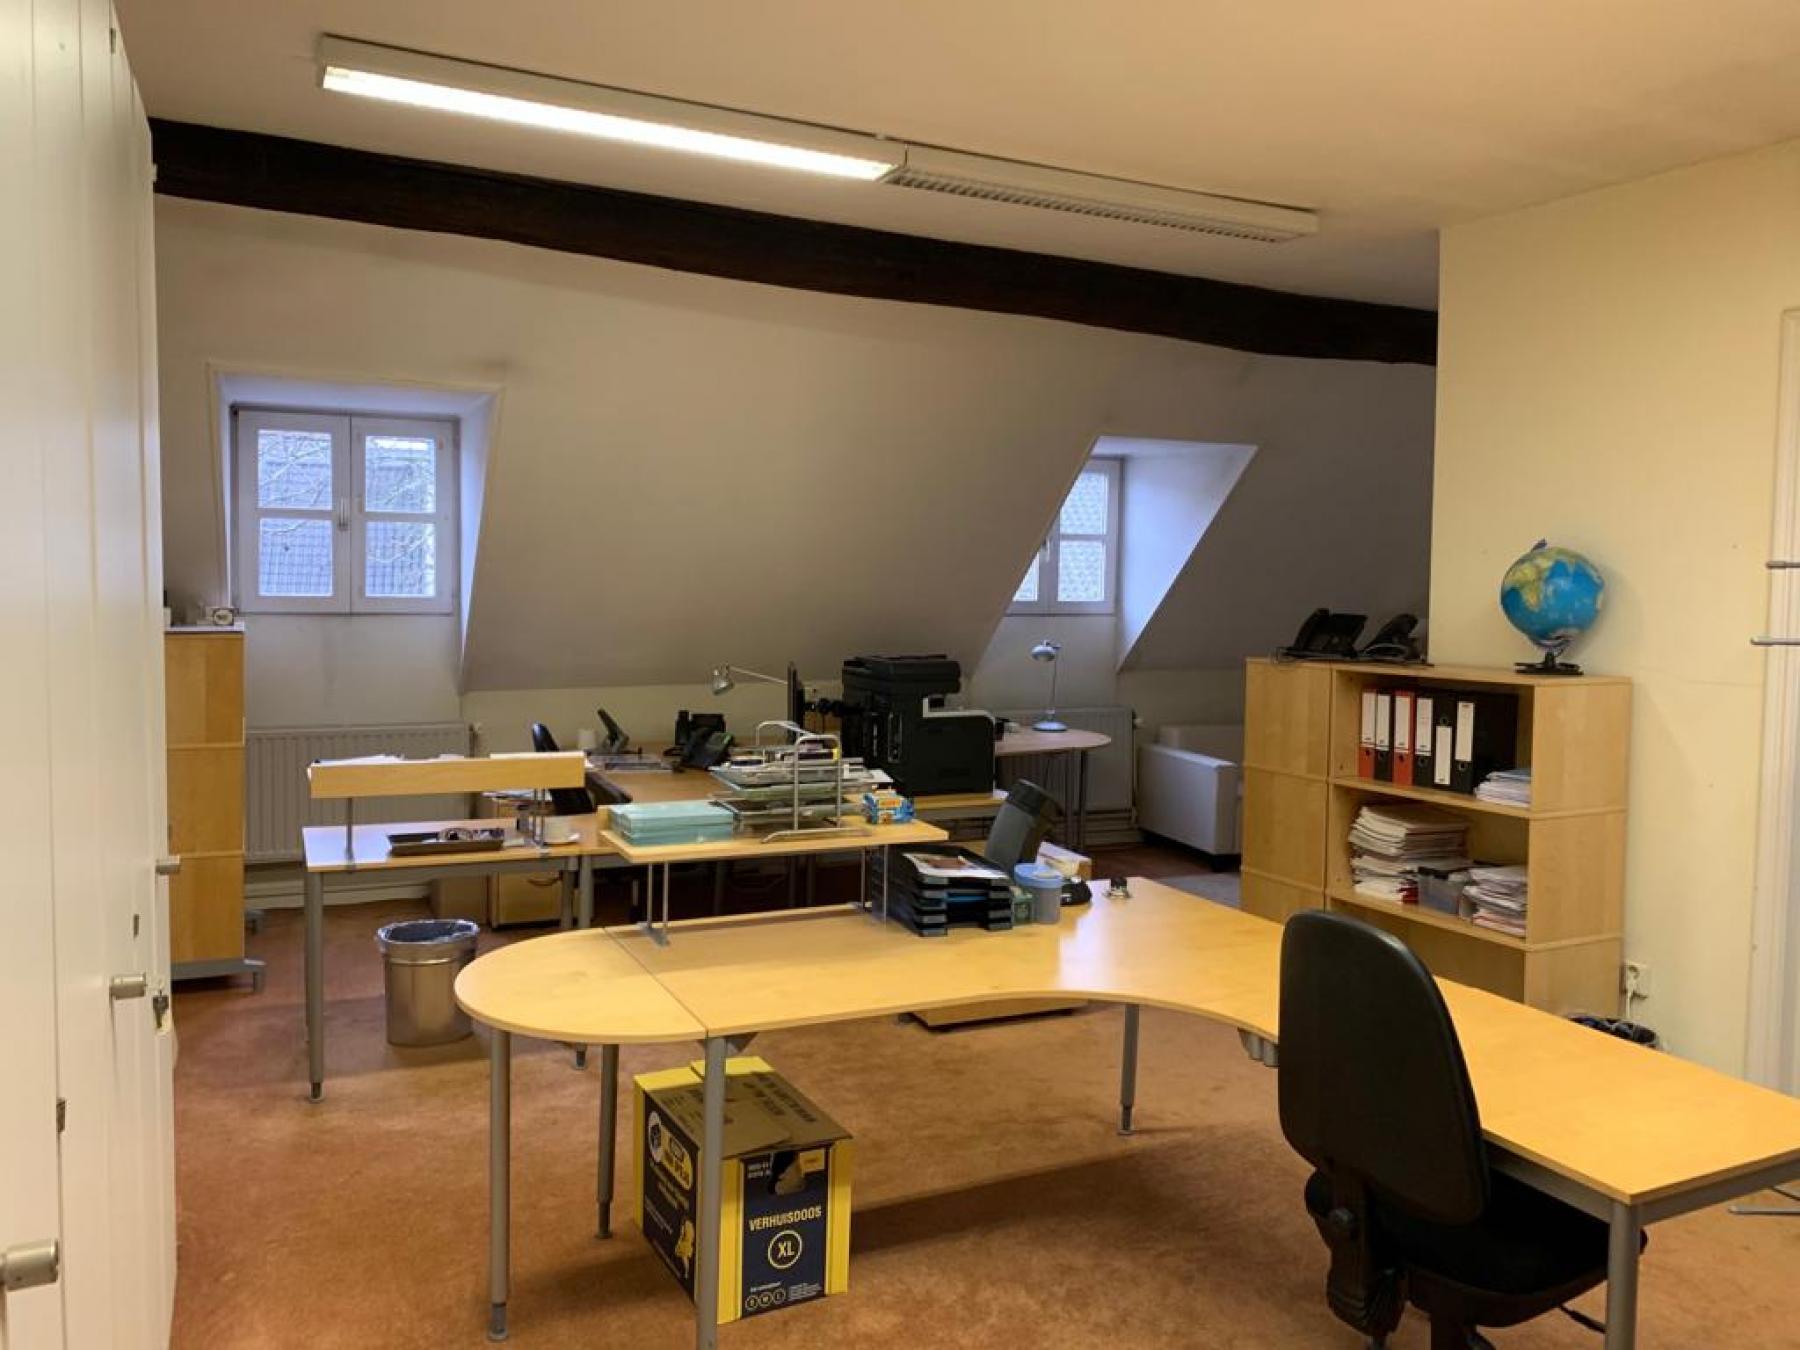 Rent office space Wycker Grachtstraat 38, Maastricht (12)